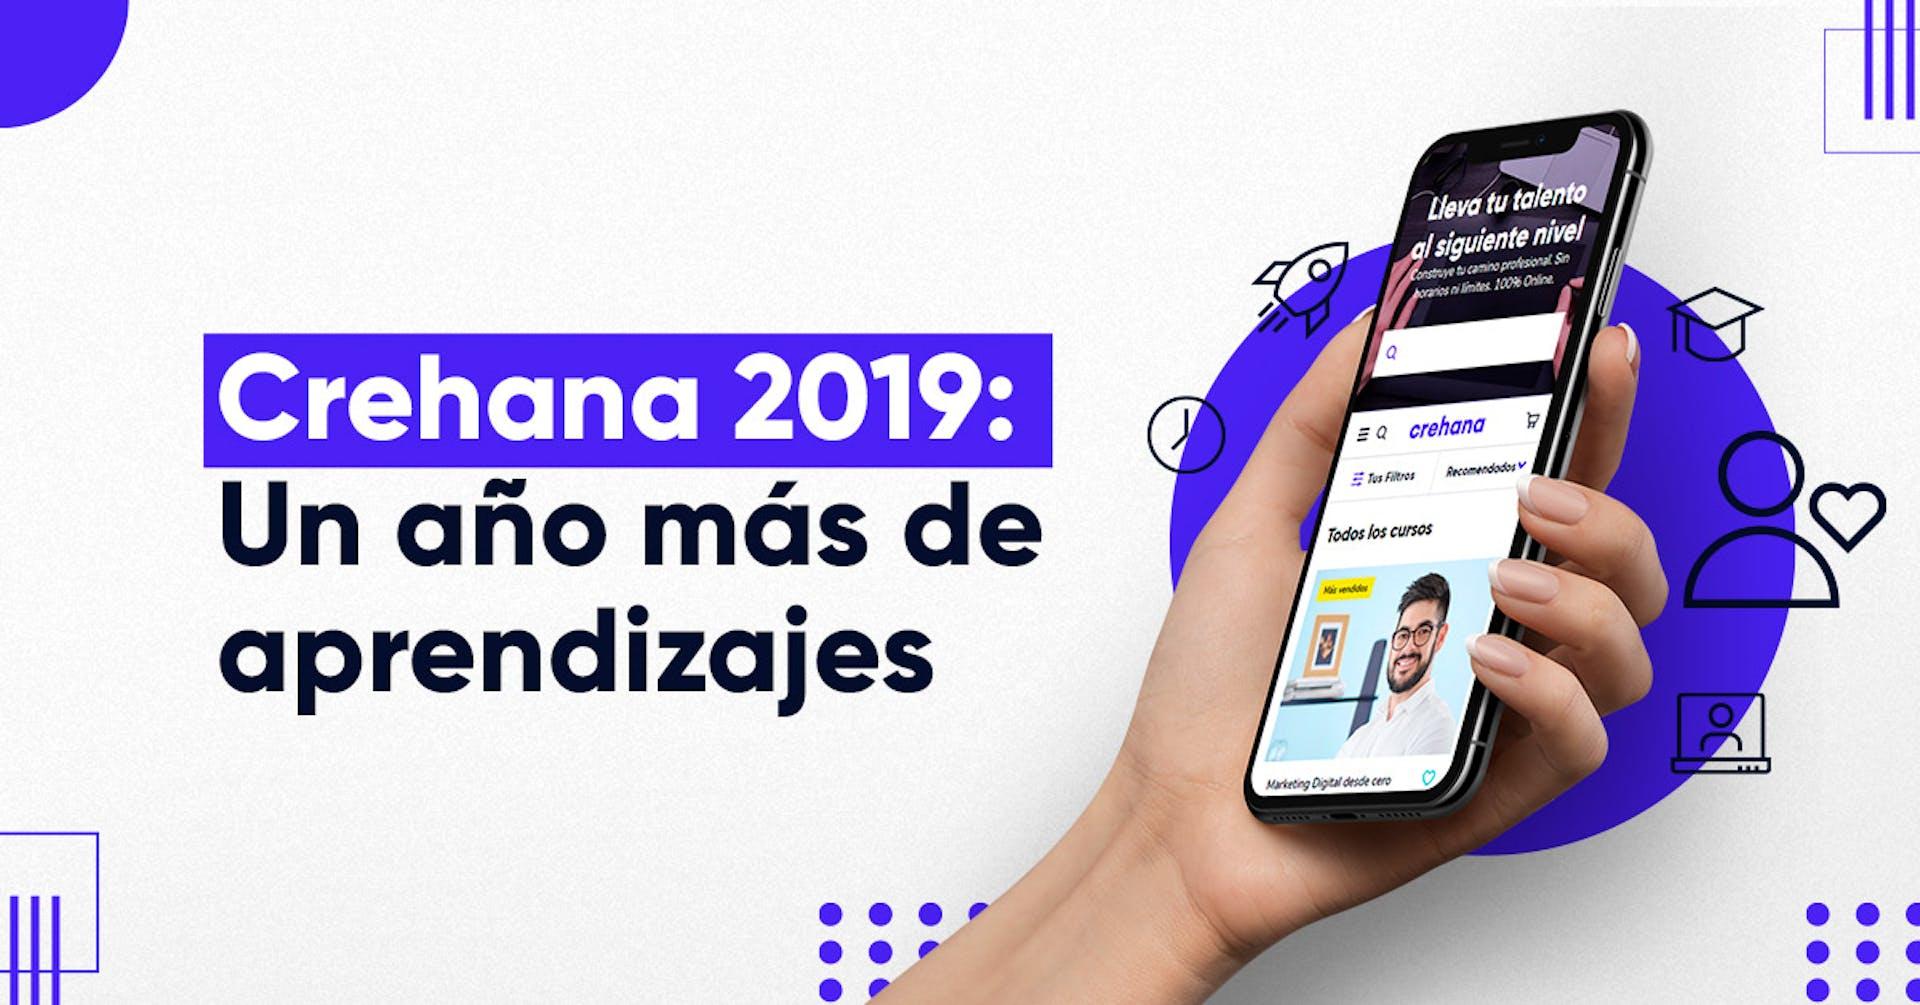 Crehana 2019: Un año más lleno de aprendizaje